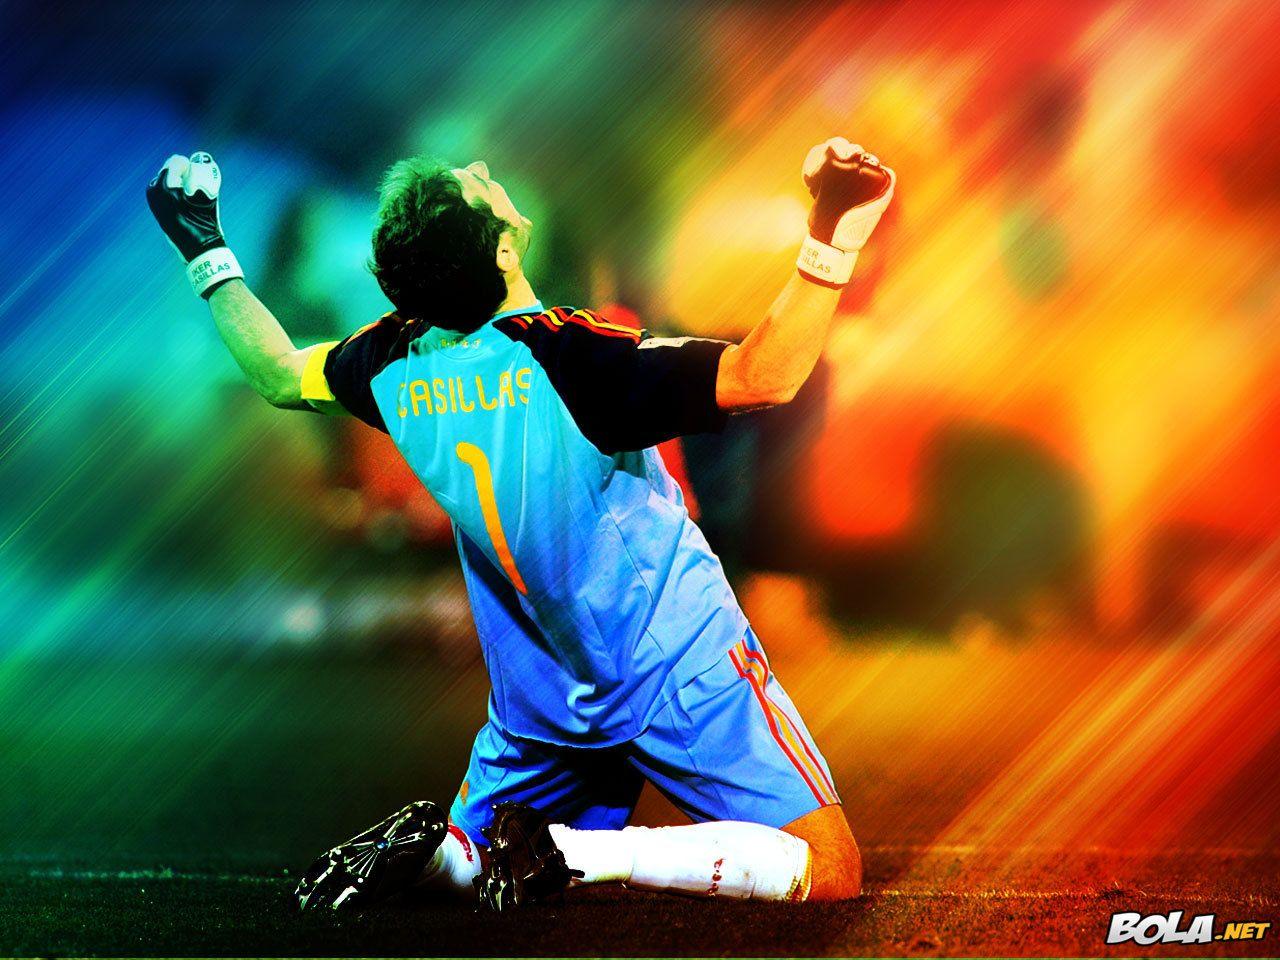 Best Iker Casillas Wallpaper 03